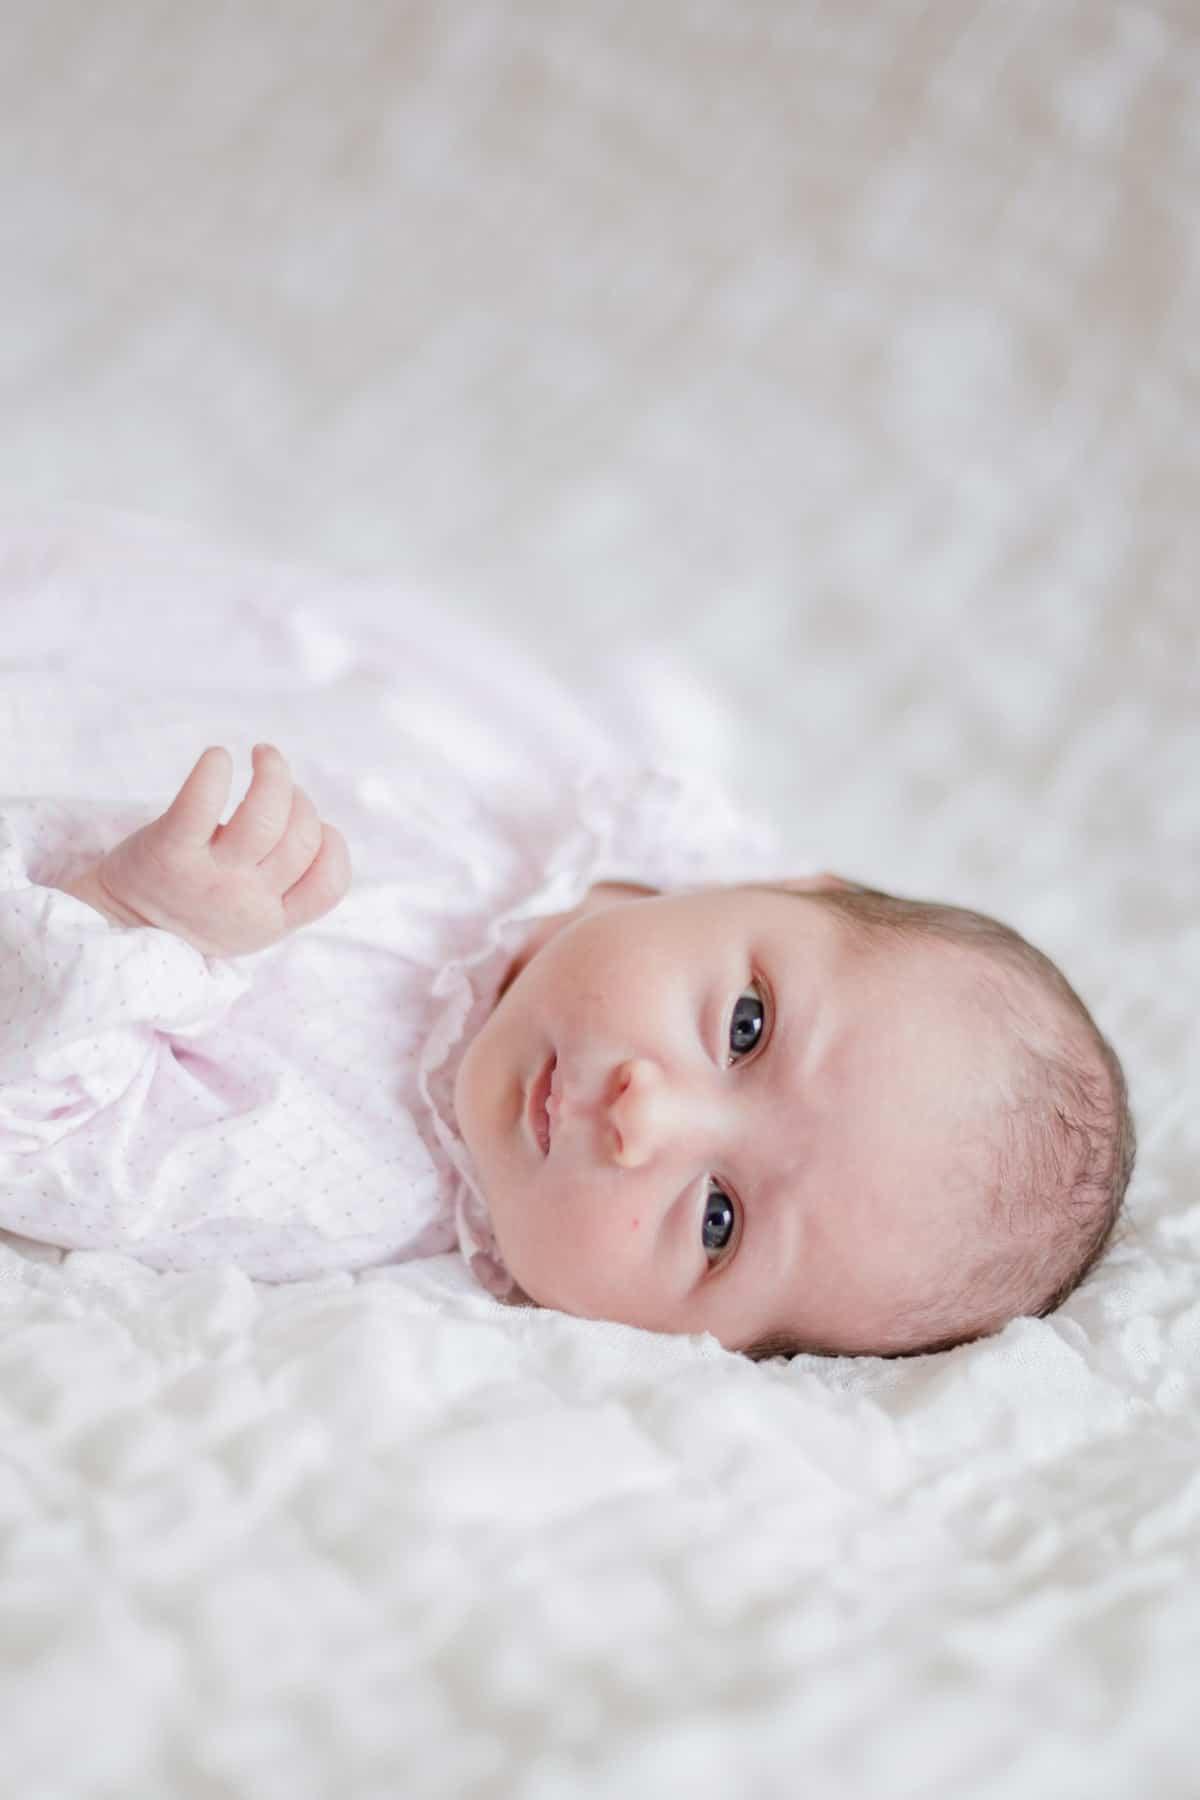 photographe bébé nouveau-né maternité bordeaux séance photo maison à domicile lifestyle fineart francais sarah miramon carla 09